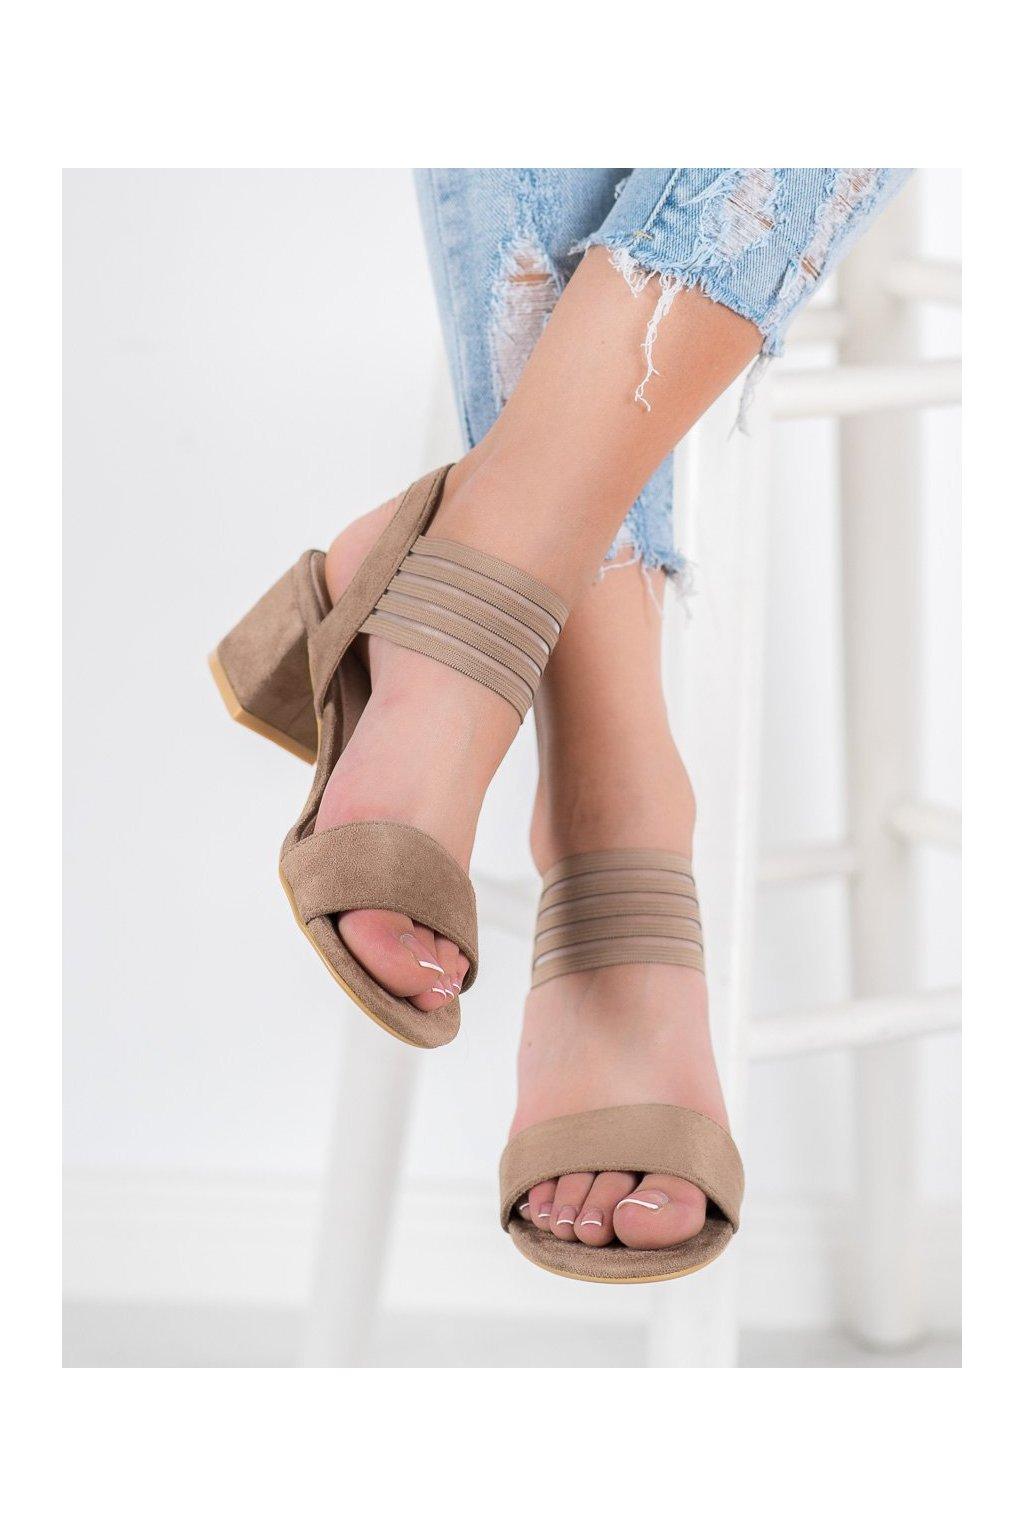 Hnedé sandále Filippo NJSK DS1289/20BE